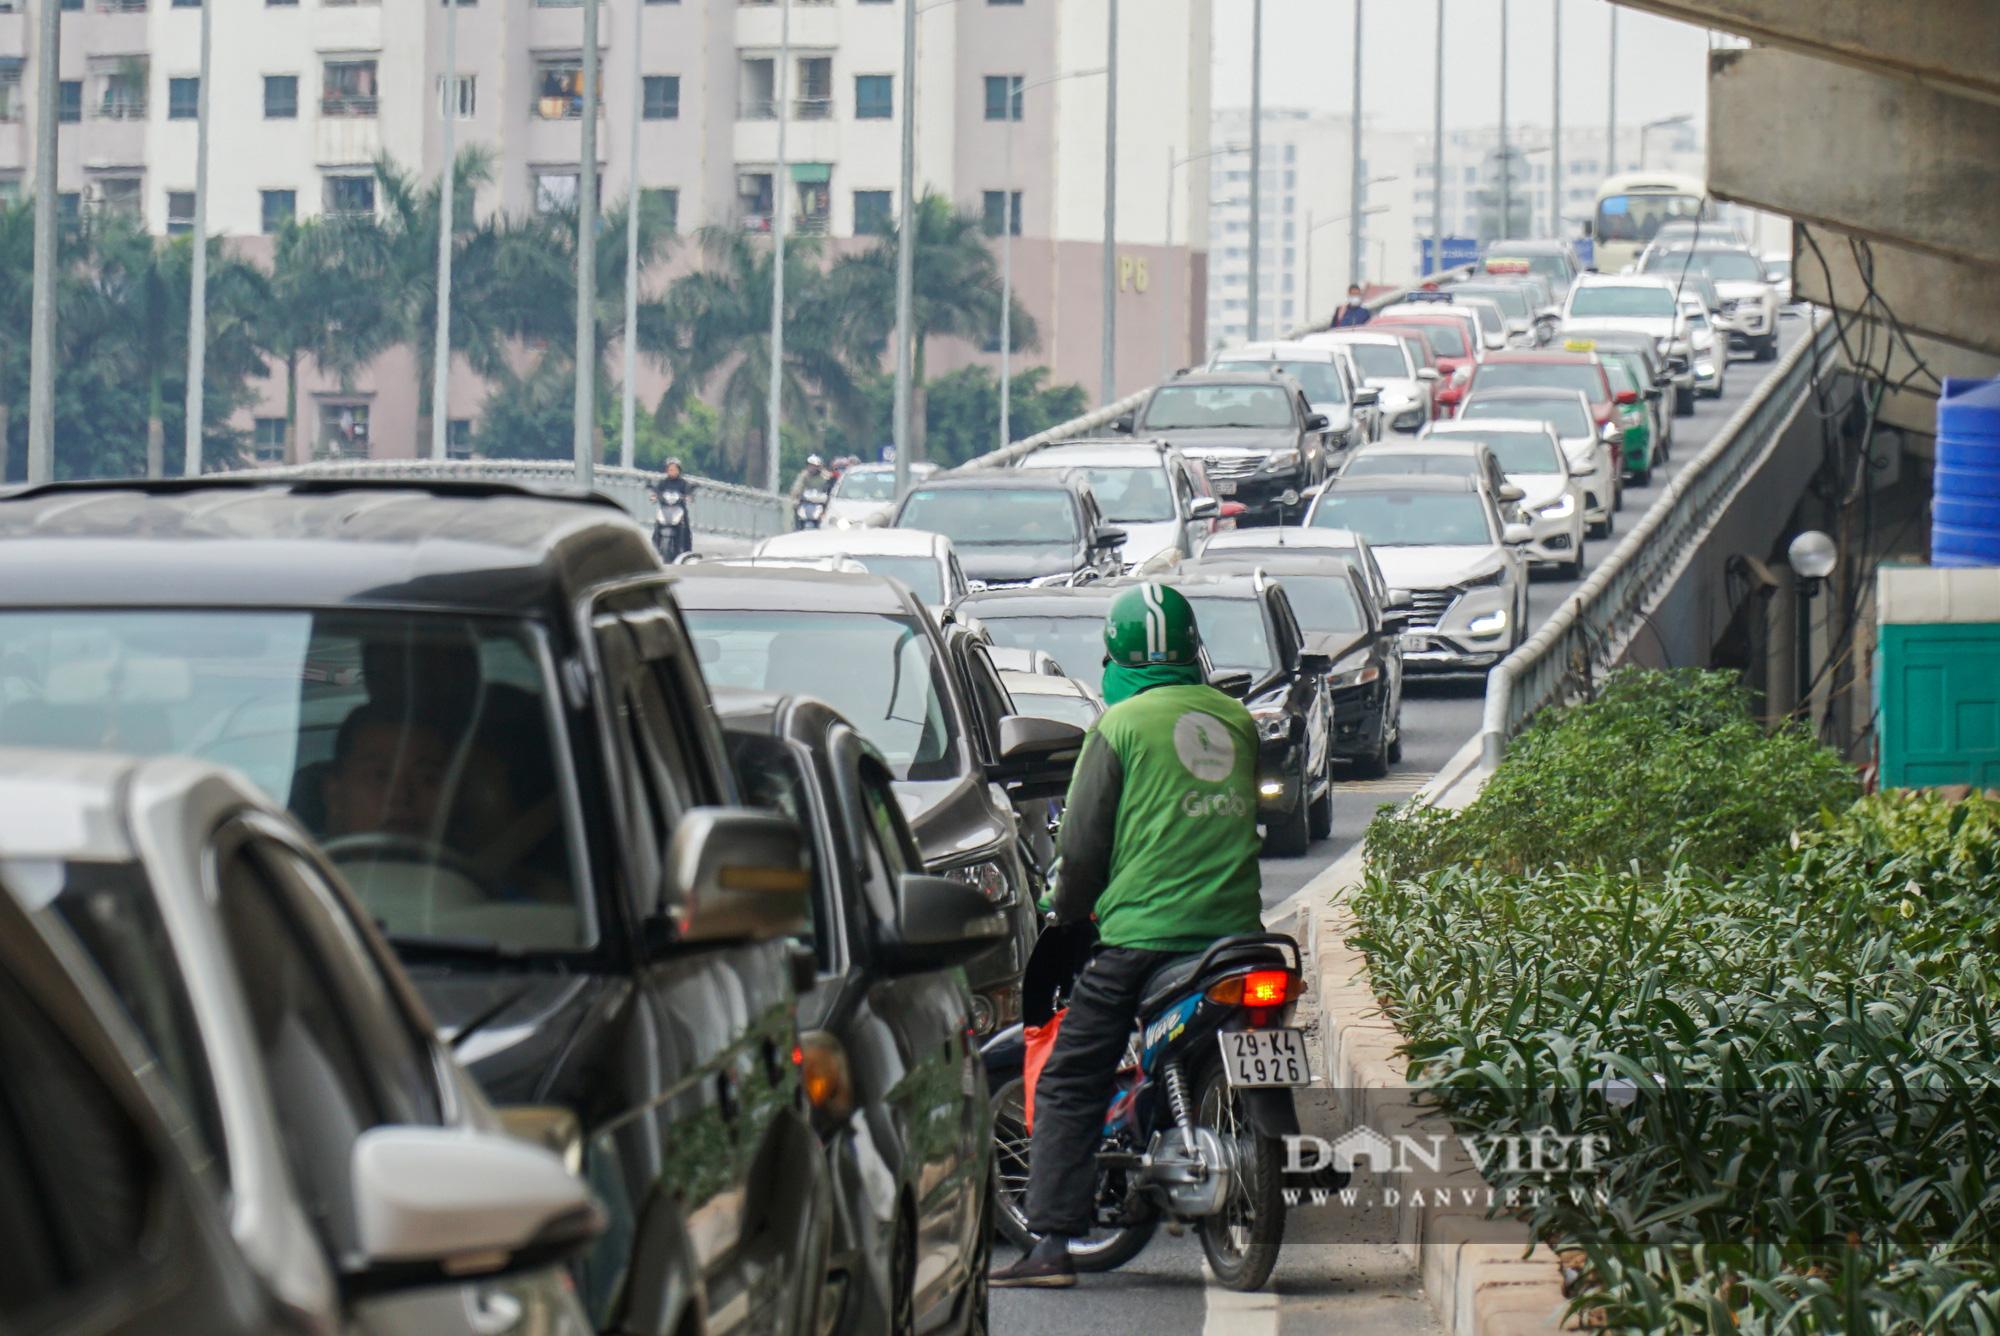 Cửa ngõ Thủ đô ùn tắc gần chục cây số sau khi kết thúc kỳ nghỉ Tết Dương lịch - Ảnh 12.